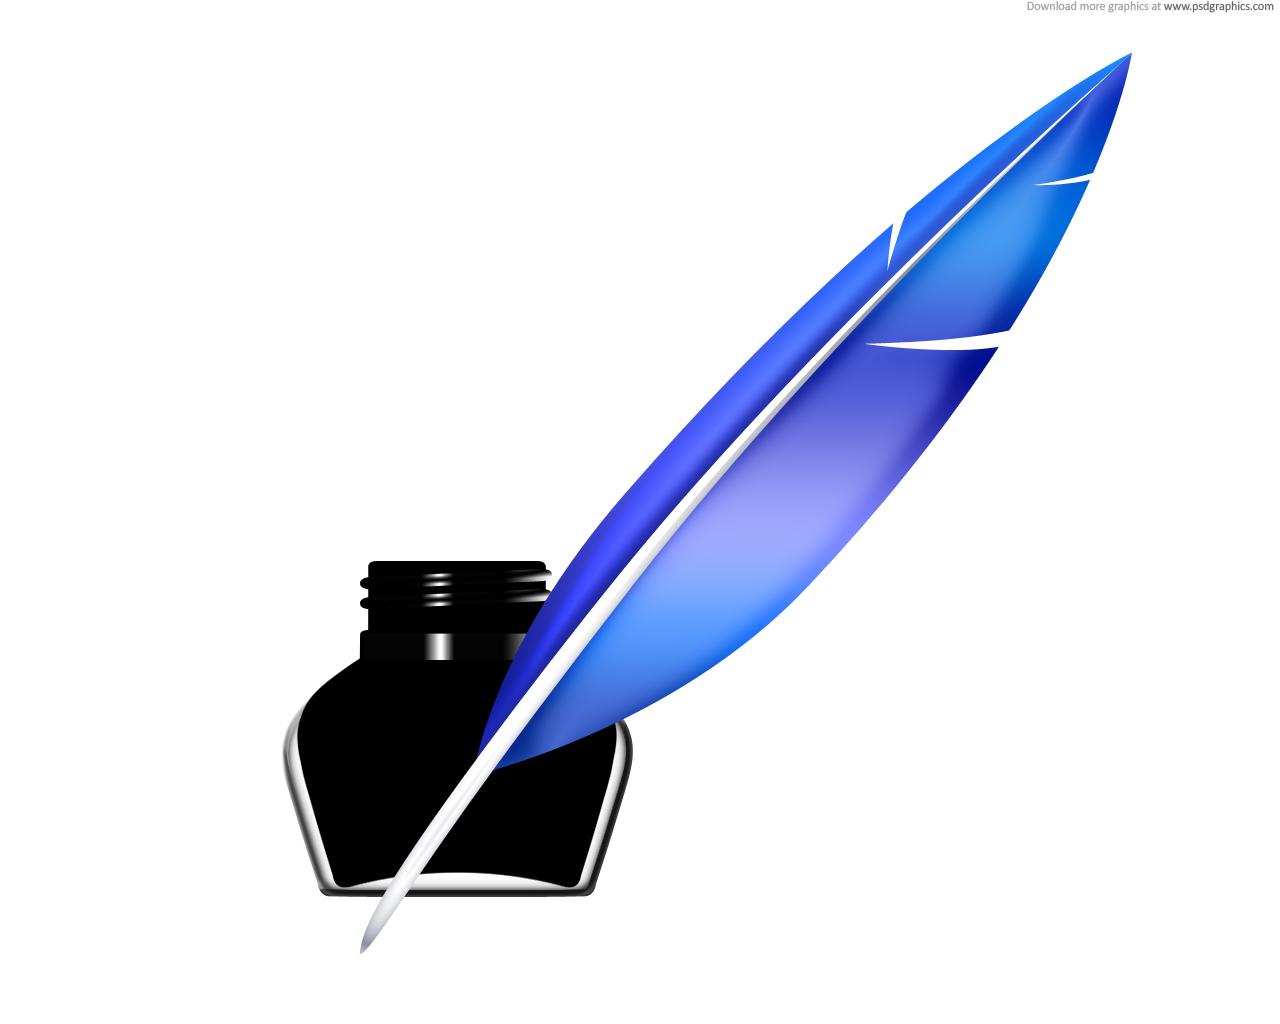 1280x1024 Quill Pen Clip Art 4